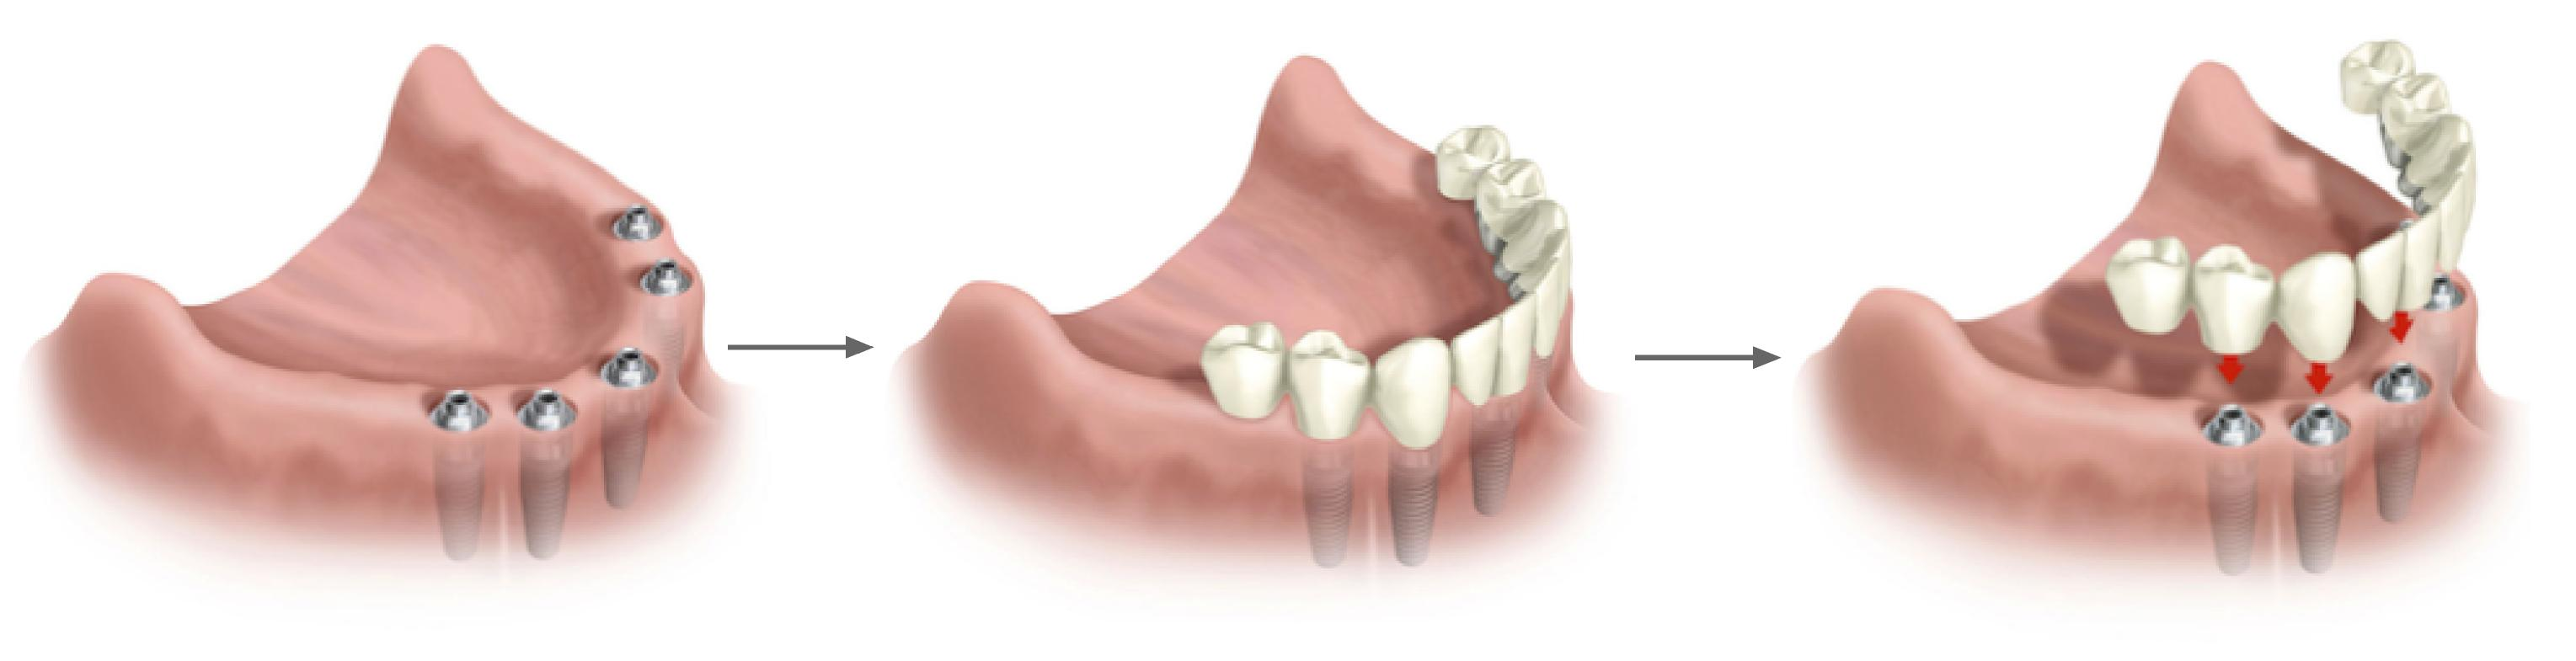 Clínica GO - Rehabilitación Completa sobre implantes